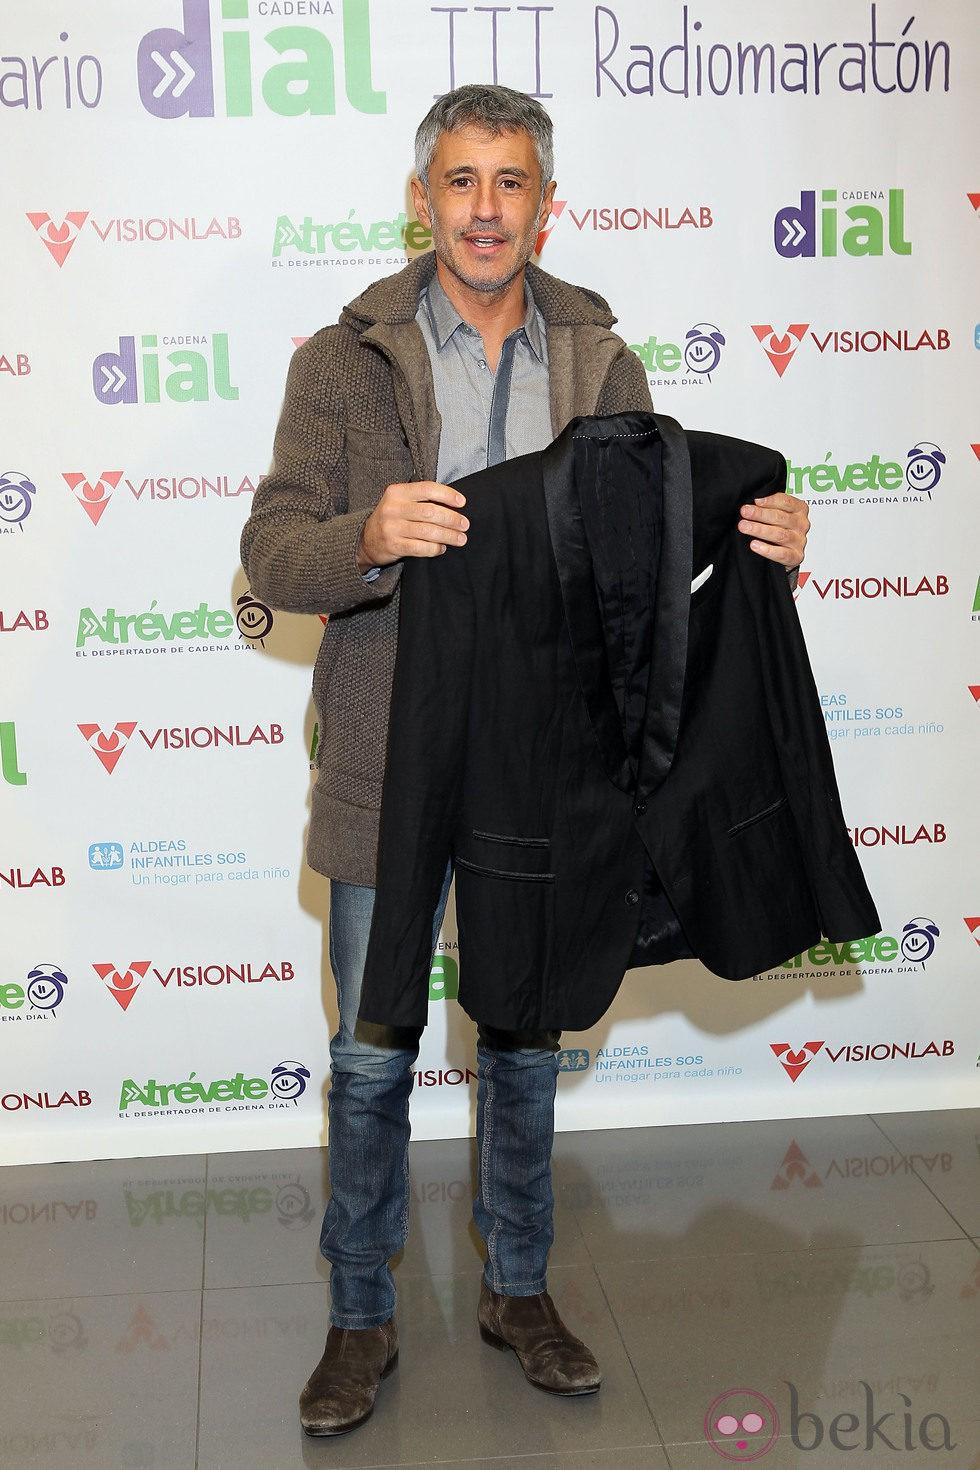 Sergio Dalma en la 3º edición del radiomaratón solidario de 'Cadena Dial'